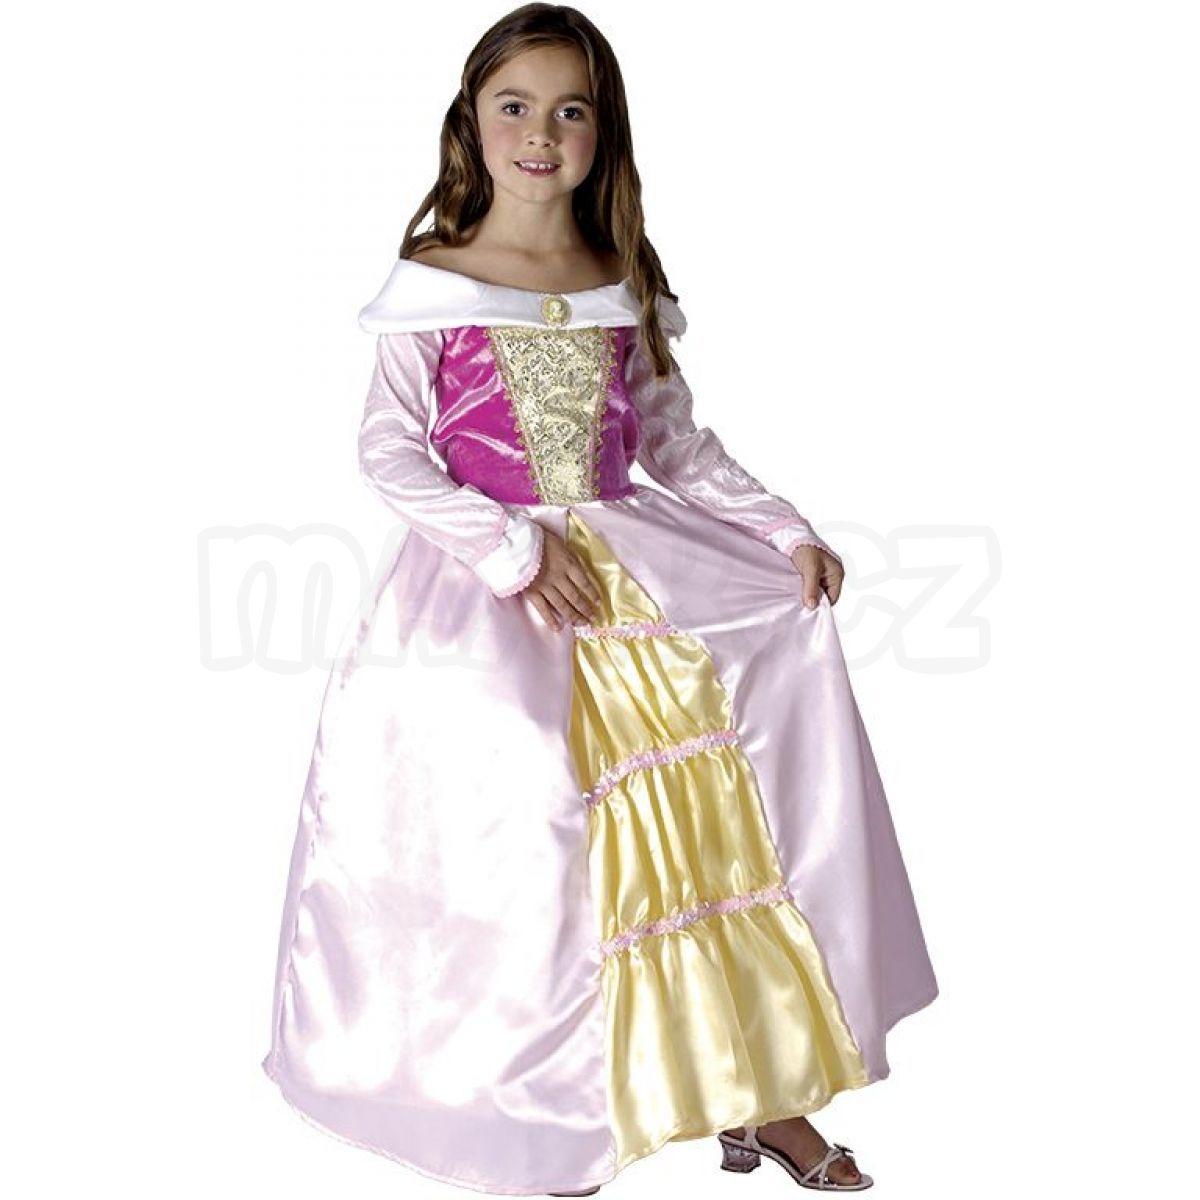 62d54ffe24e8 HM Studio Dětský kostým pro princezny